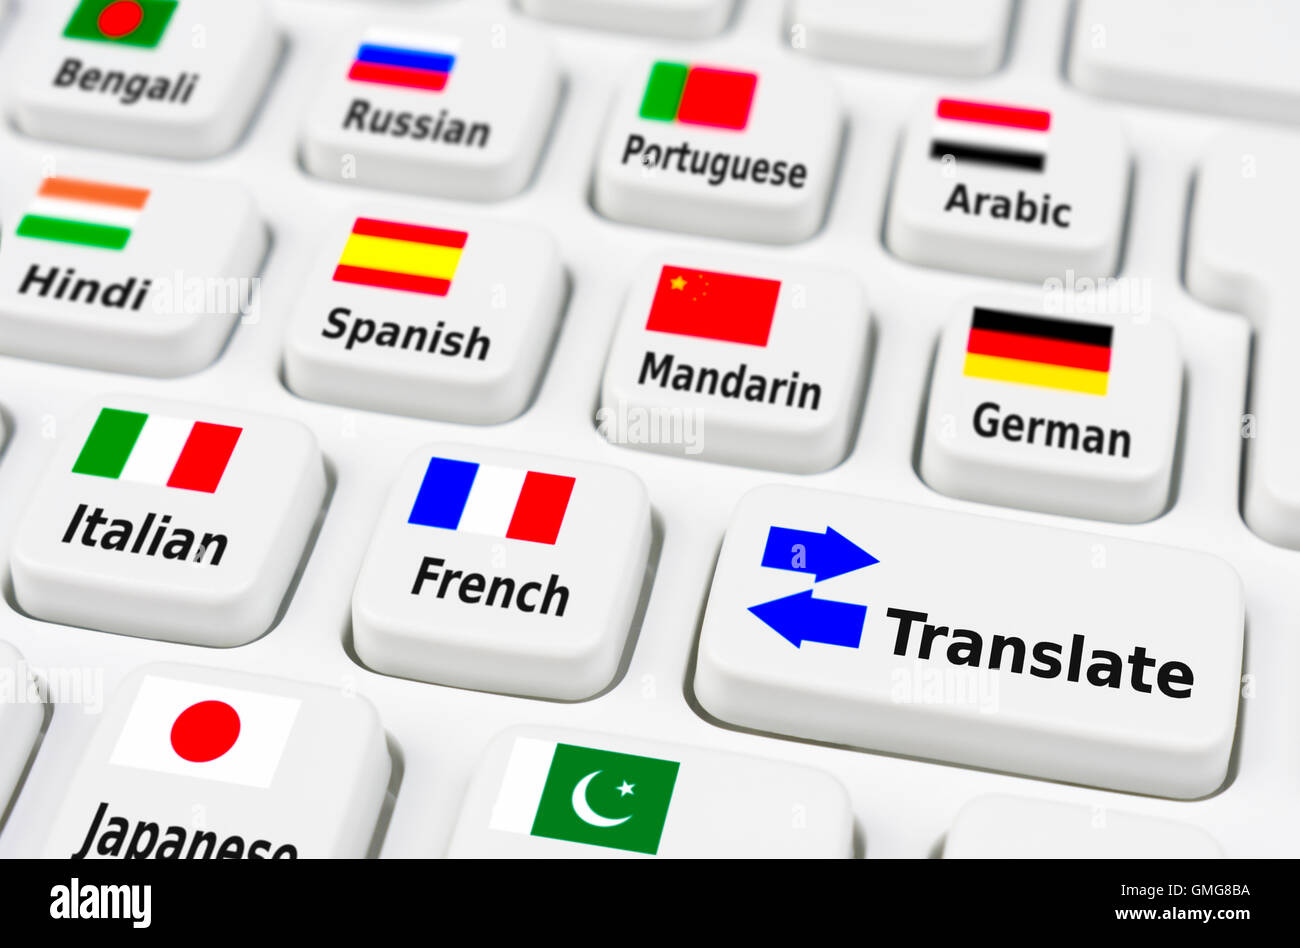 Traducción de idioma utilizando un teclado de ordenador. Imagen De Stock